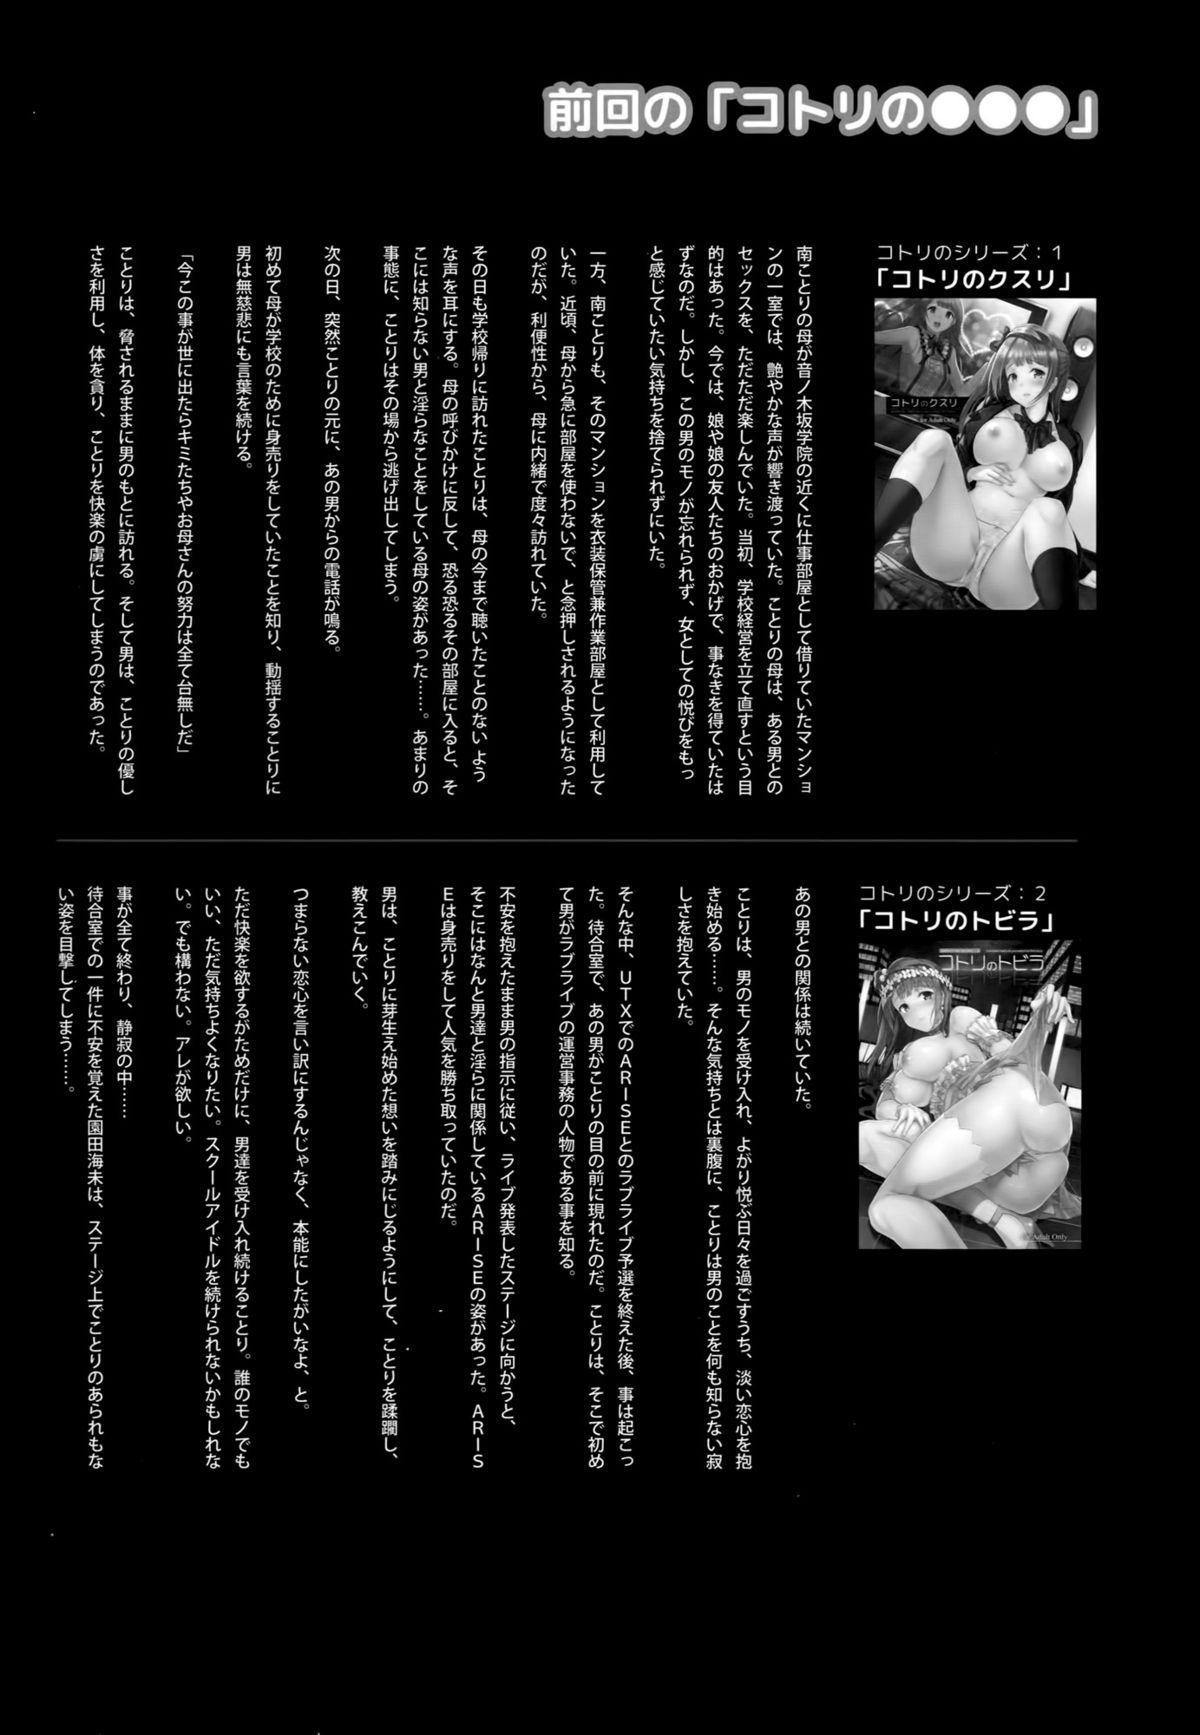 Kotori no Okage 1